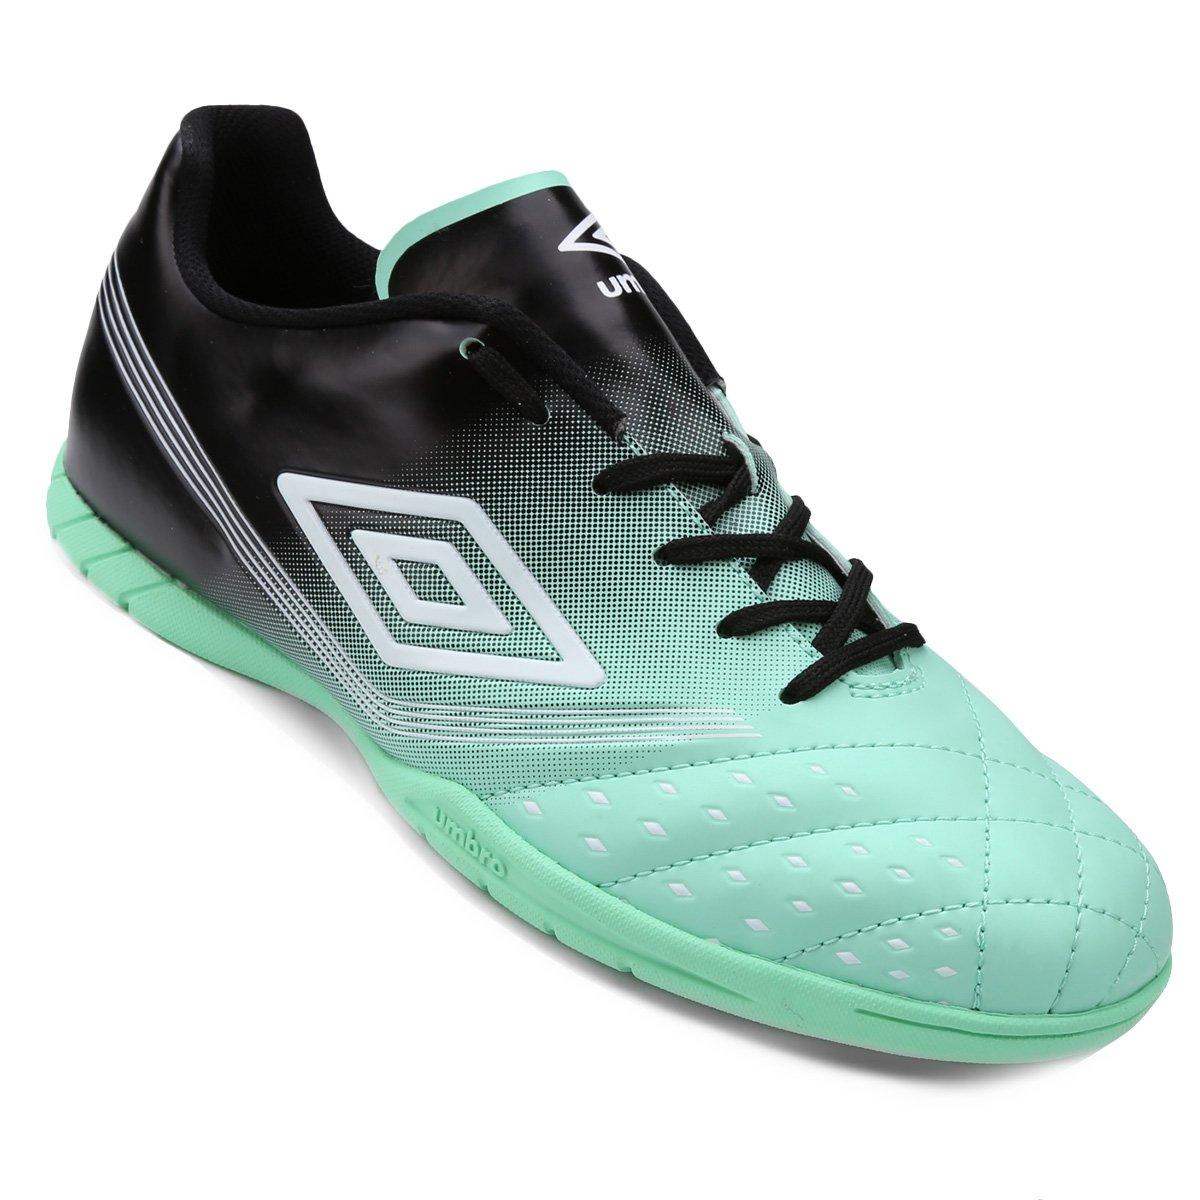 353af89282 Chuteira Futsal Umbro Fifty - Preto e Verde Água - Compre Agora ...